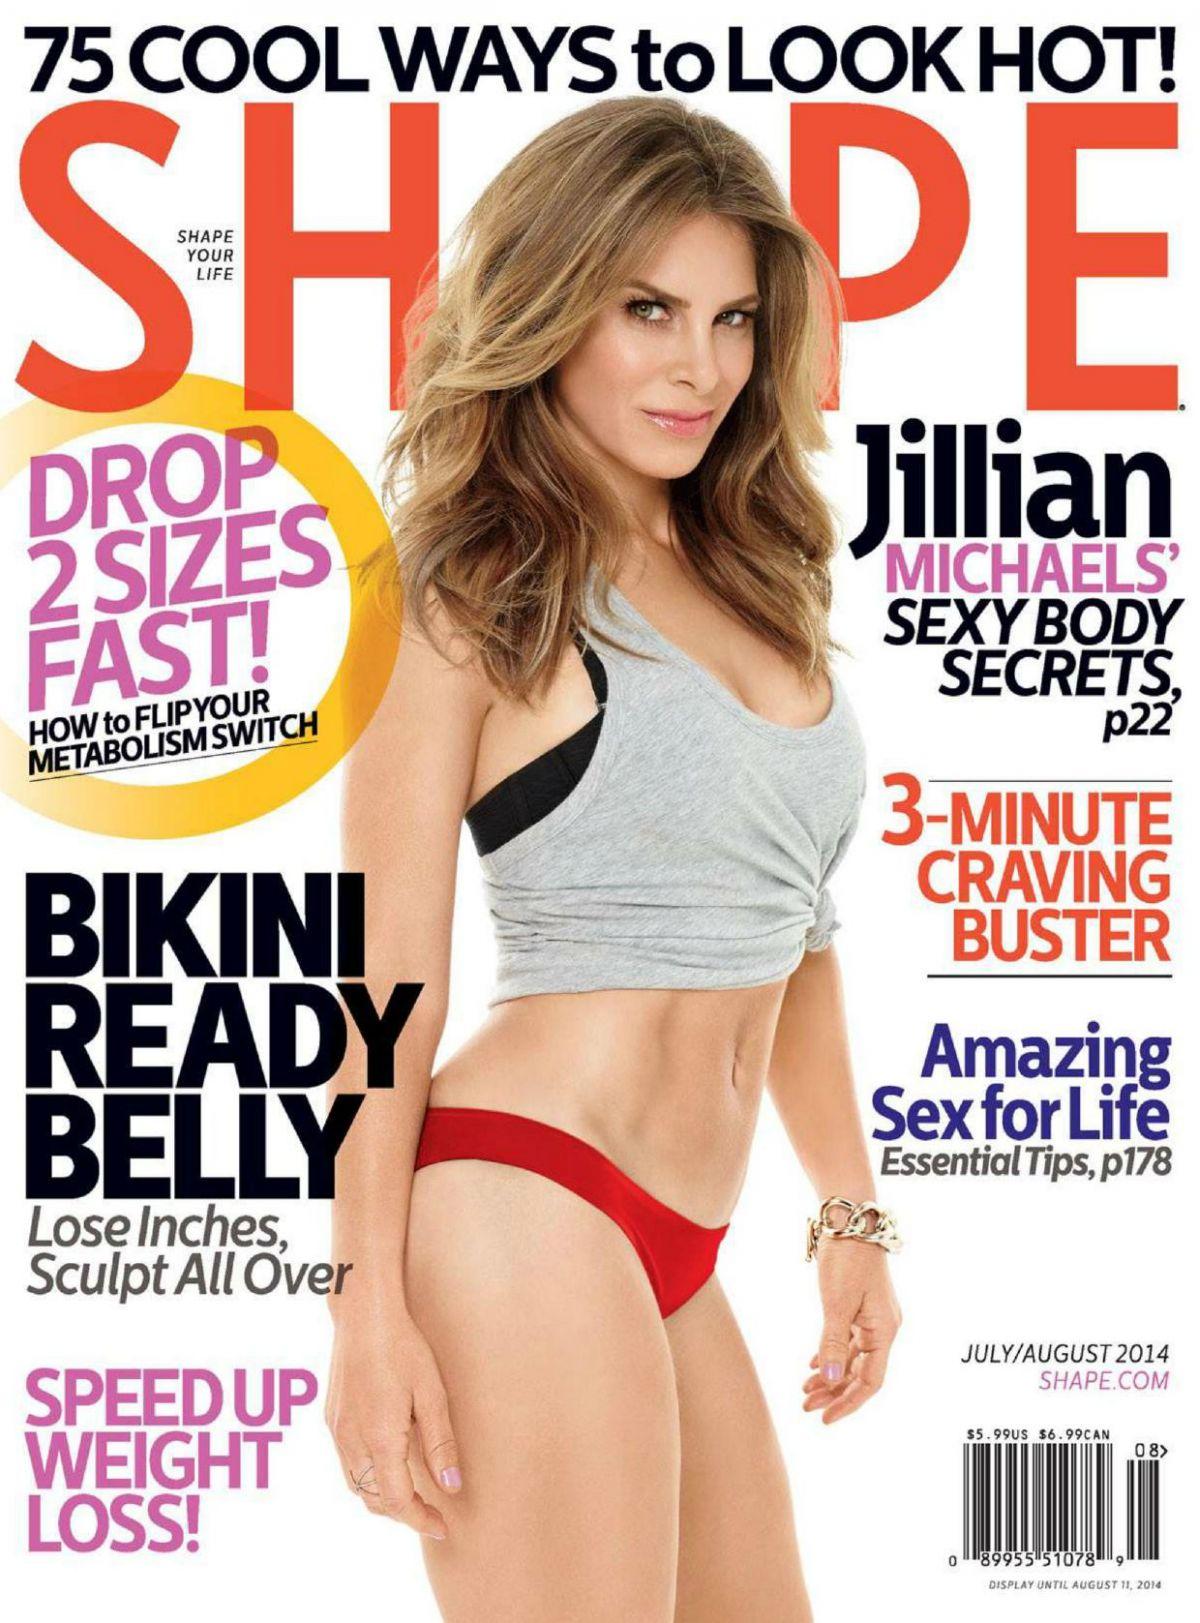 jillian-michaels-in-shape-magazine-july-august-2014-issue_1.jpg